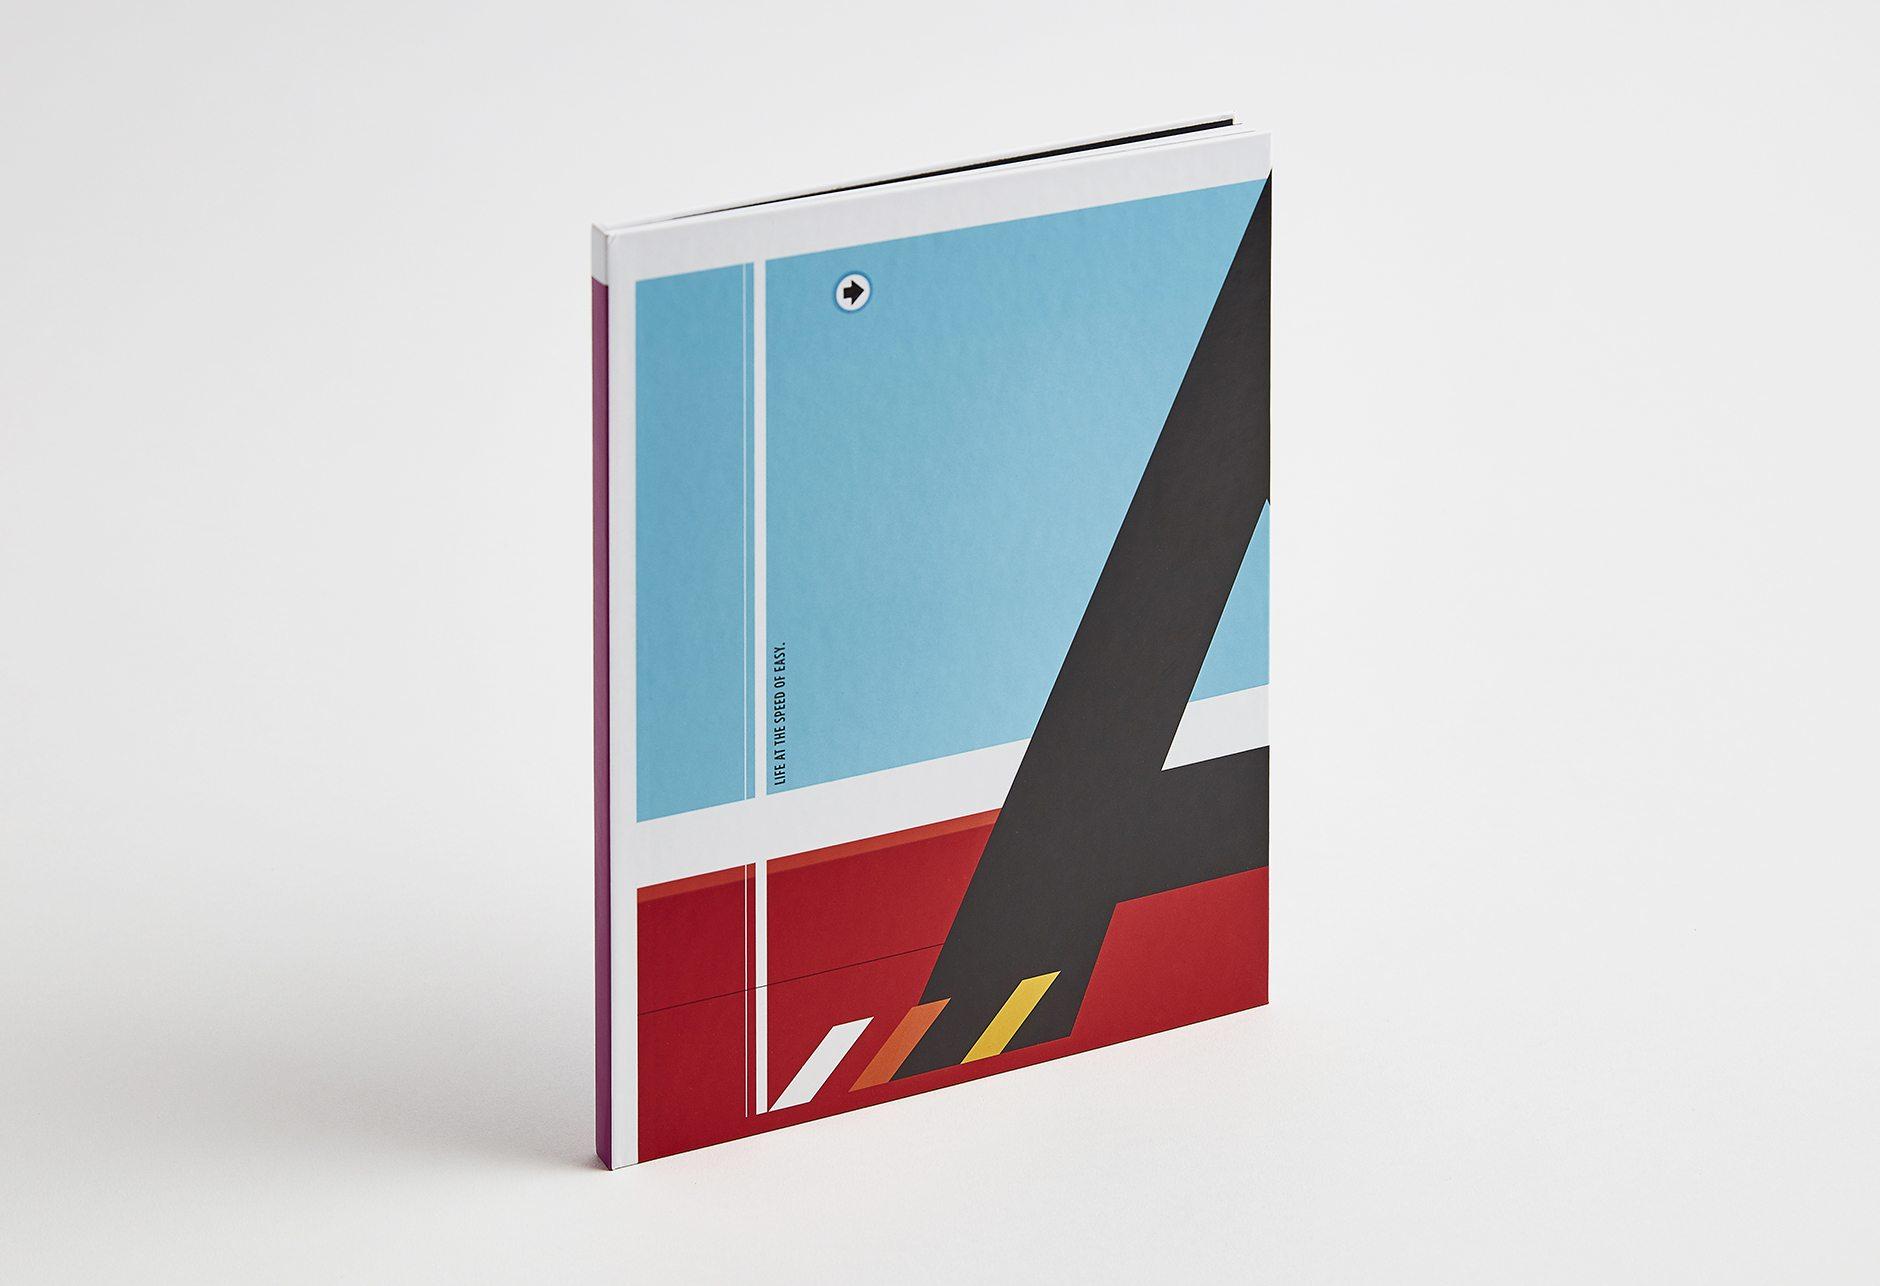 Avro Brochure Cover